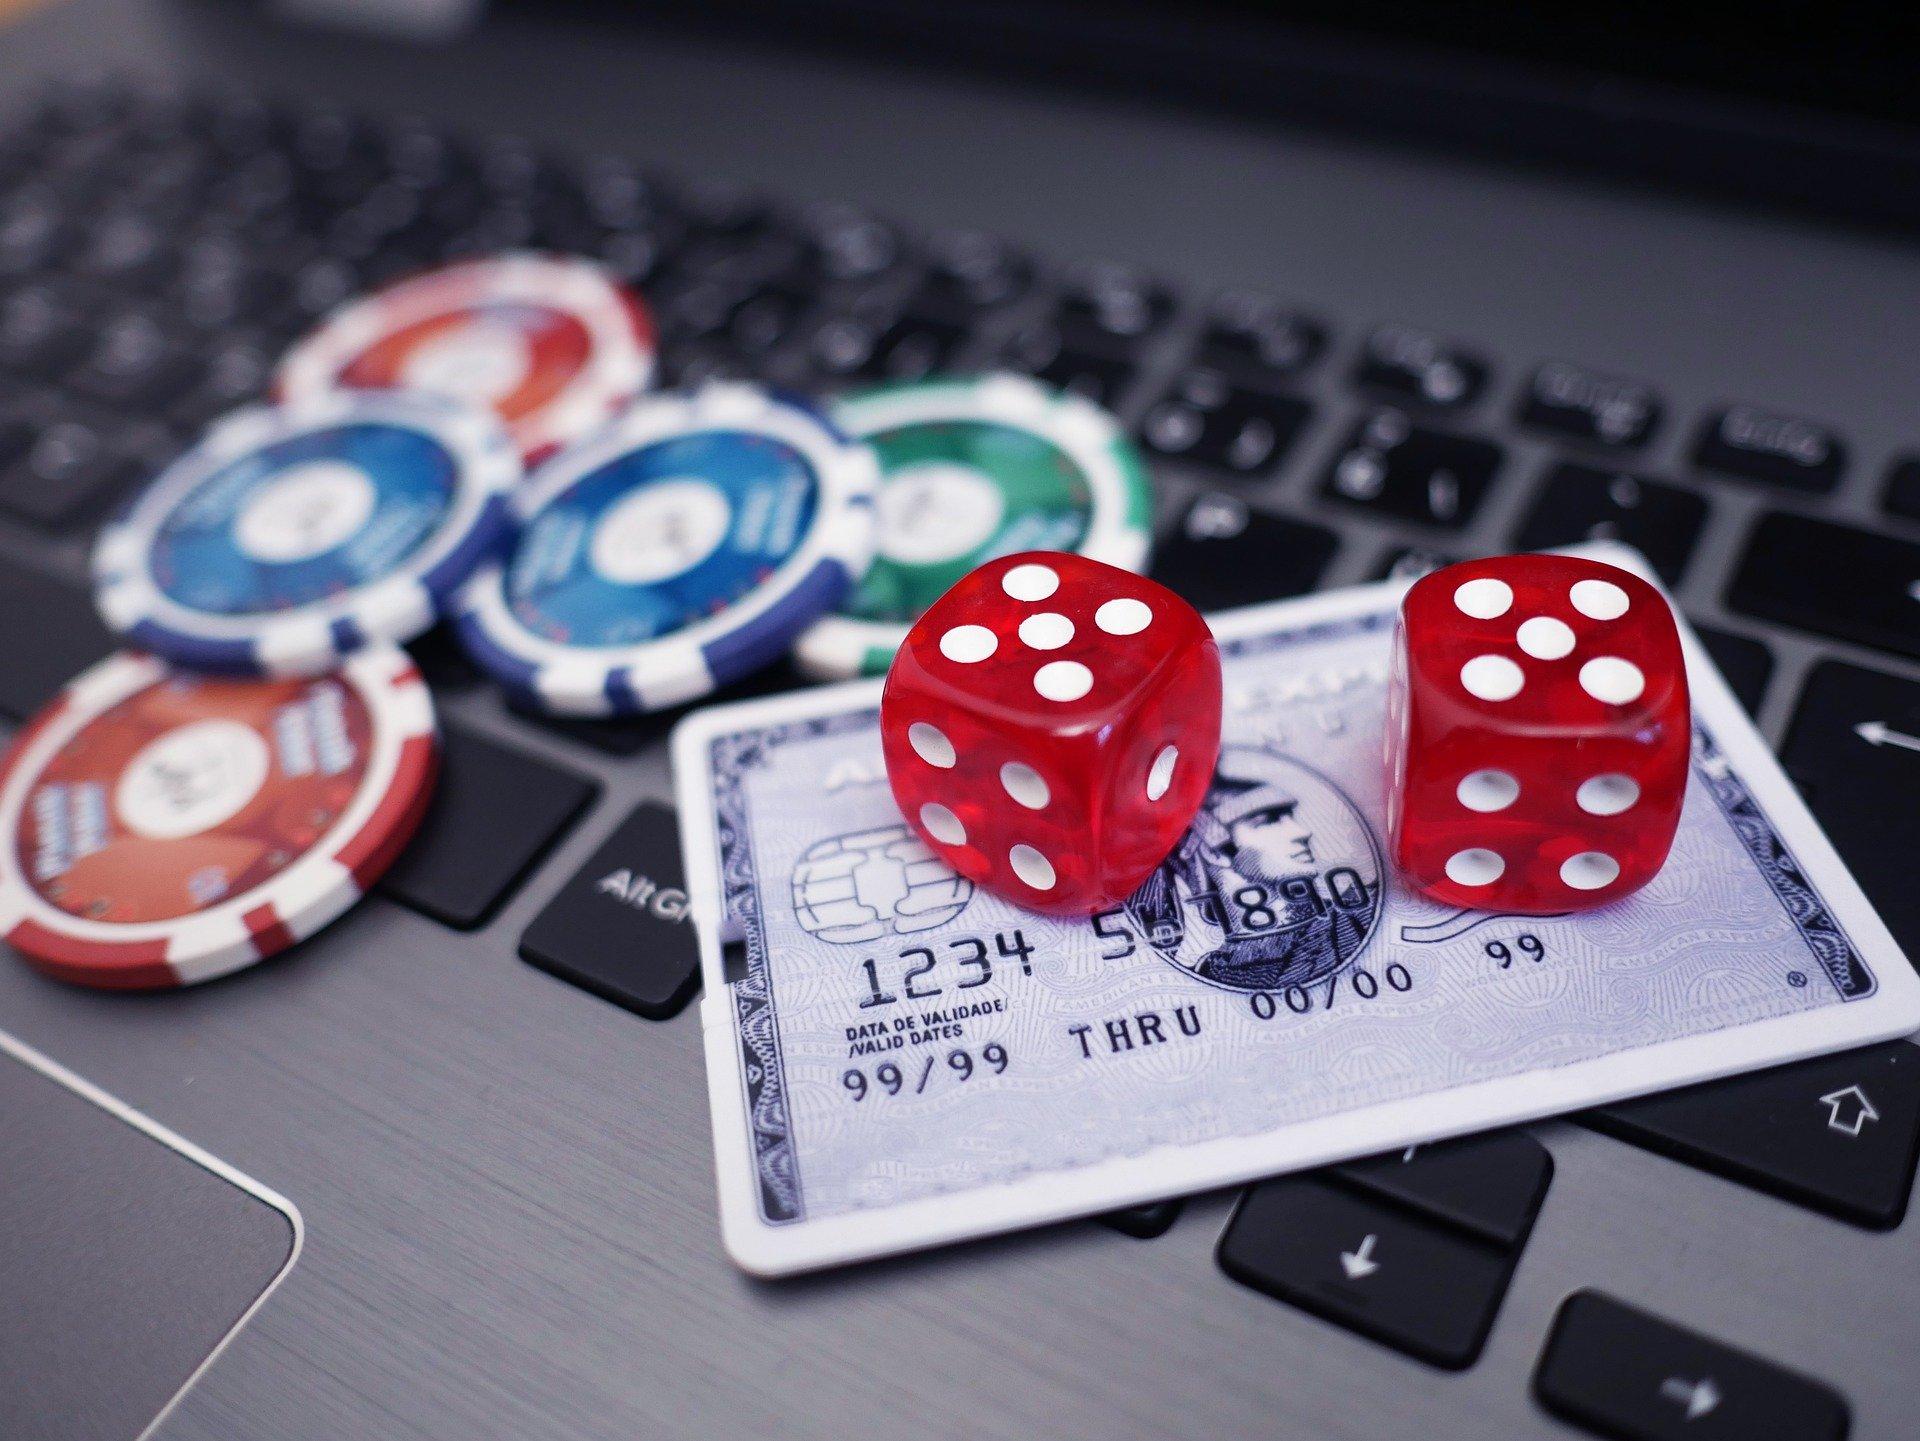 Tout ce qu'il faut savoir sur les casinos en ligne, conseils !